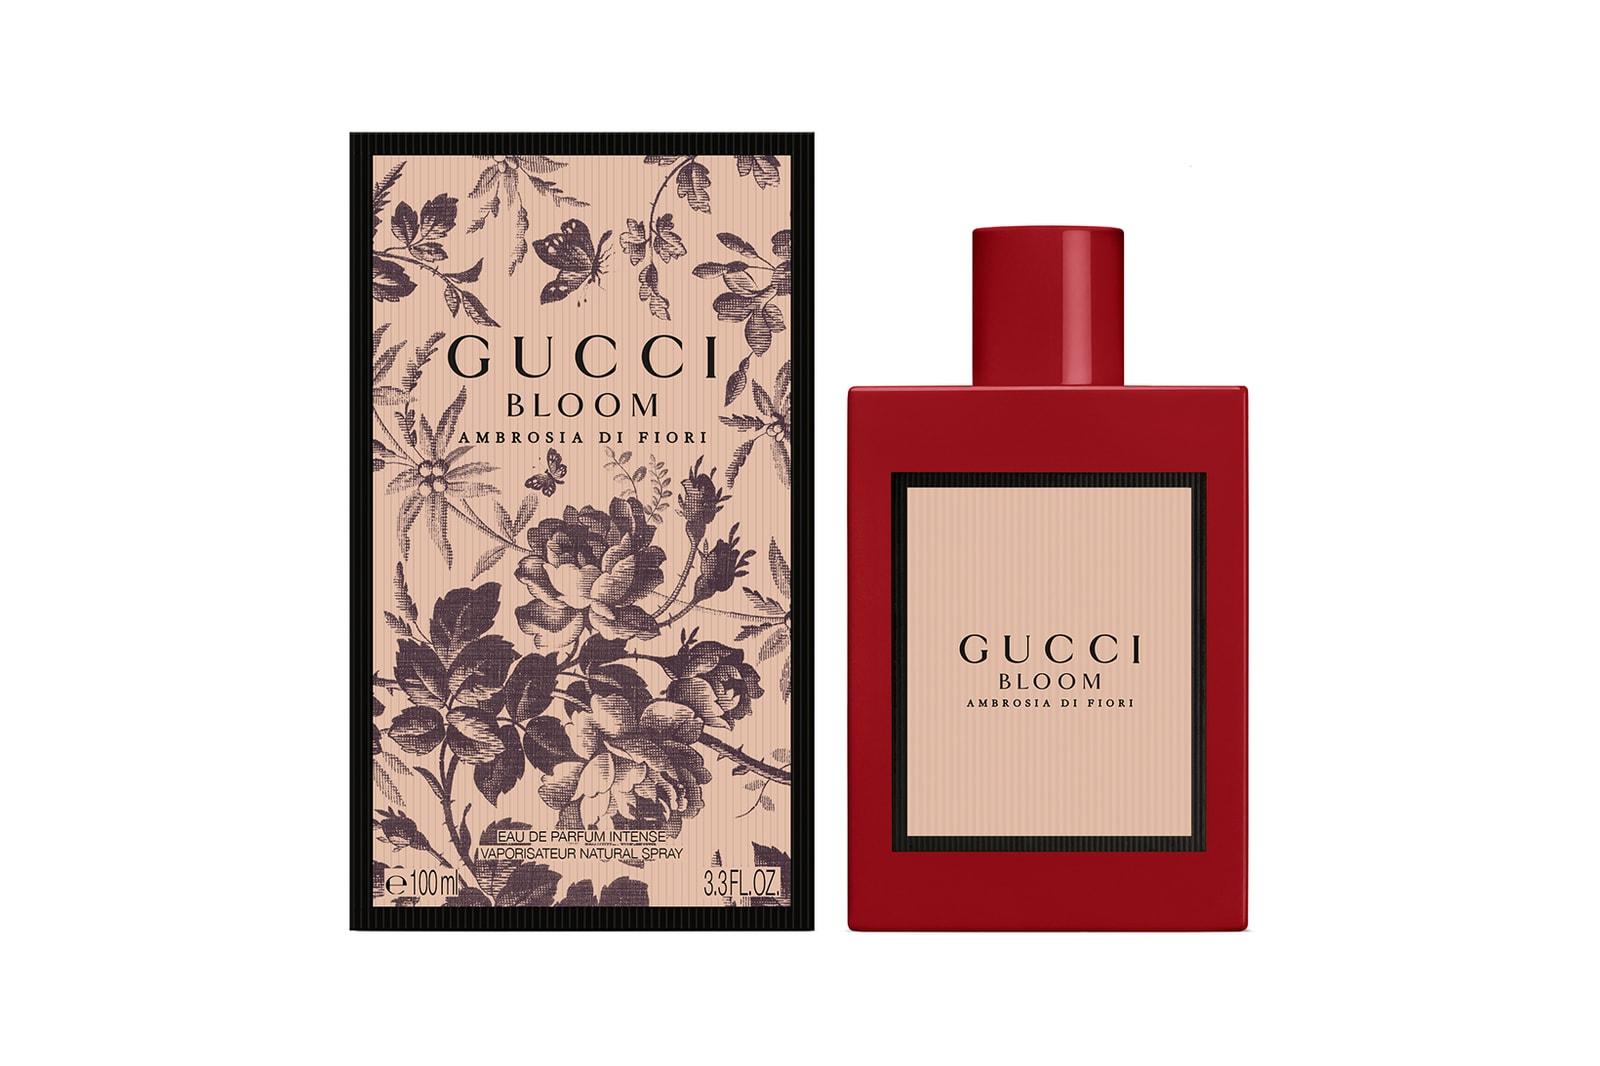 gucci bloom ambrosia di fiori perfume fragrance red bottle